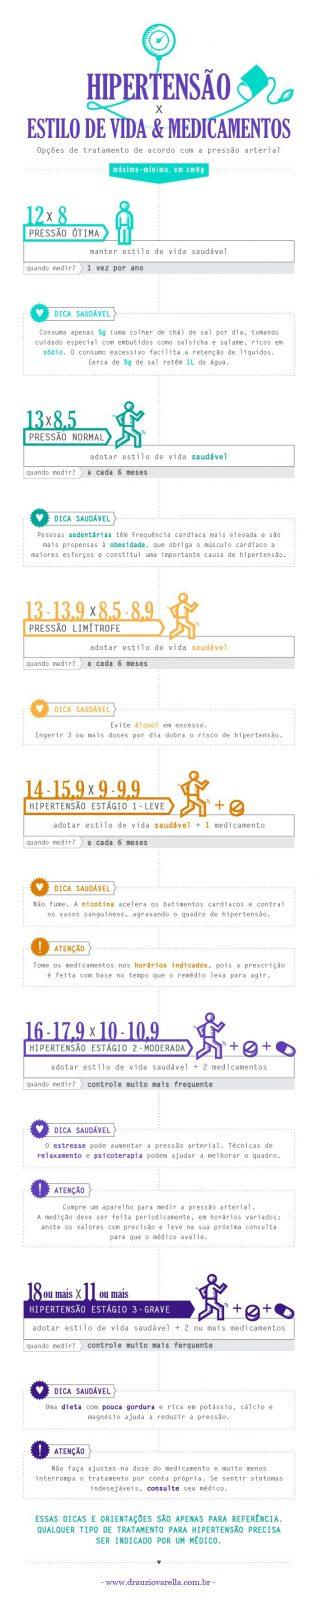 infografico2_PressaoX estiloVida+medicamentos_4